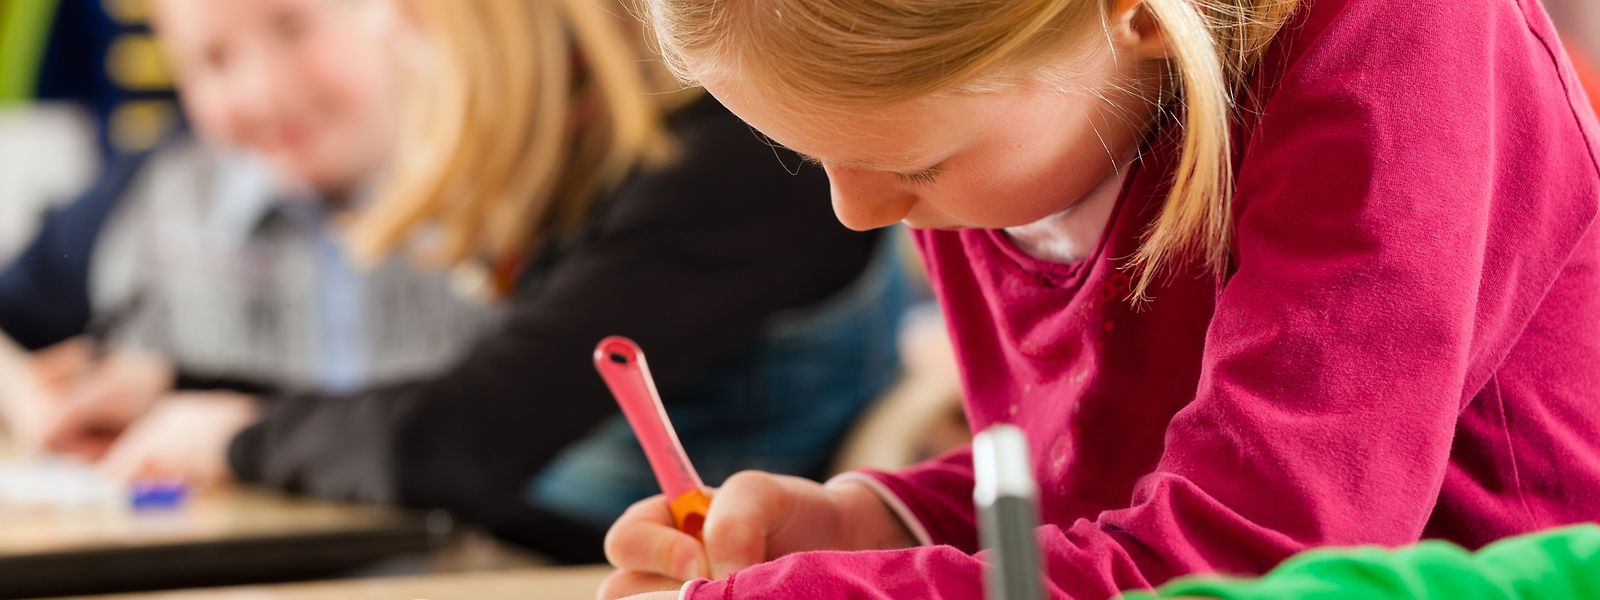 Die Grundschulen werden verpflichtet, ein Konzept zur Unterstützung bei den Schüleraufgaben auszuarbeiten.